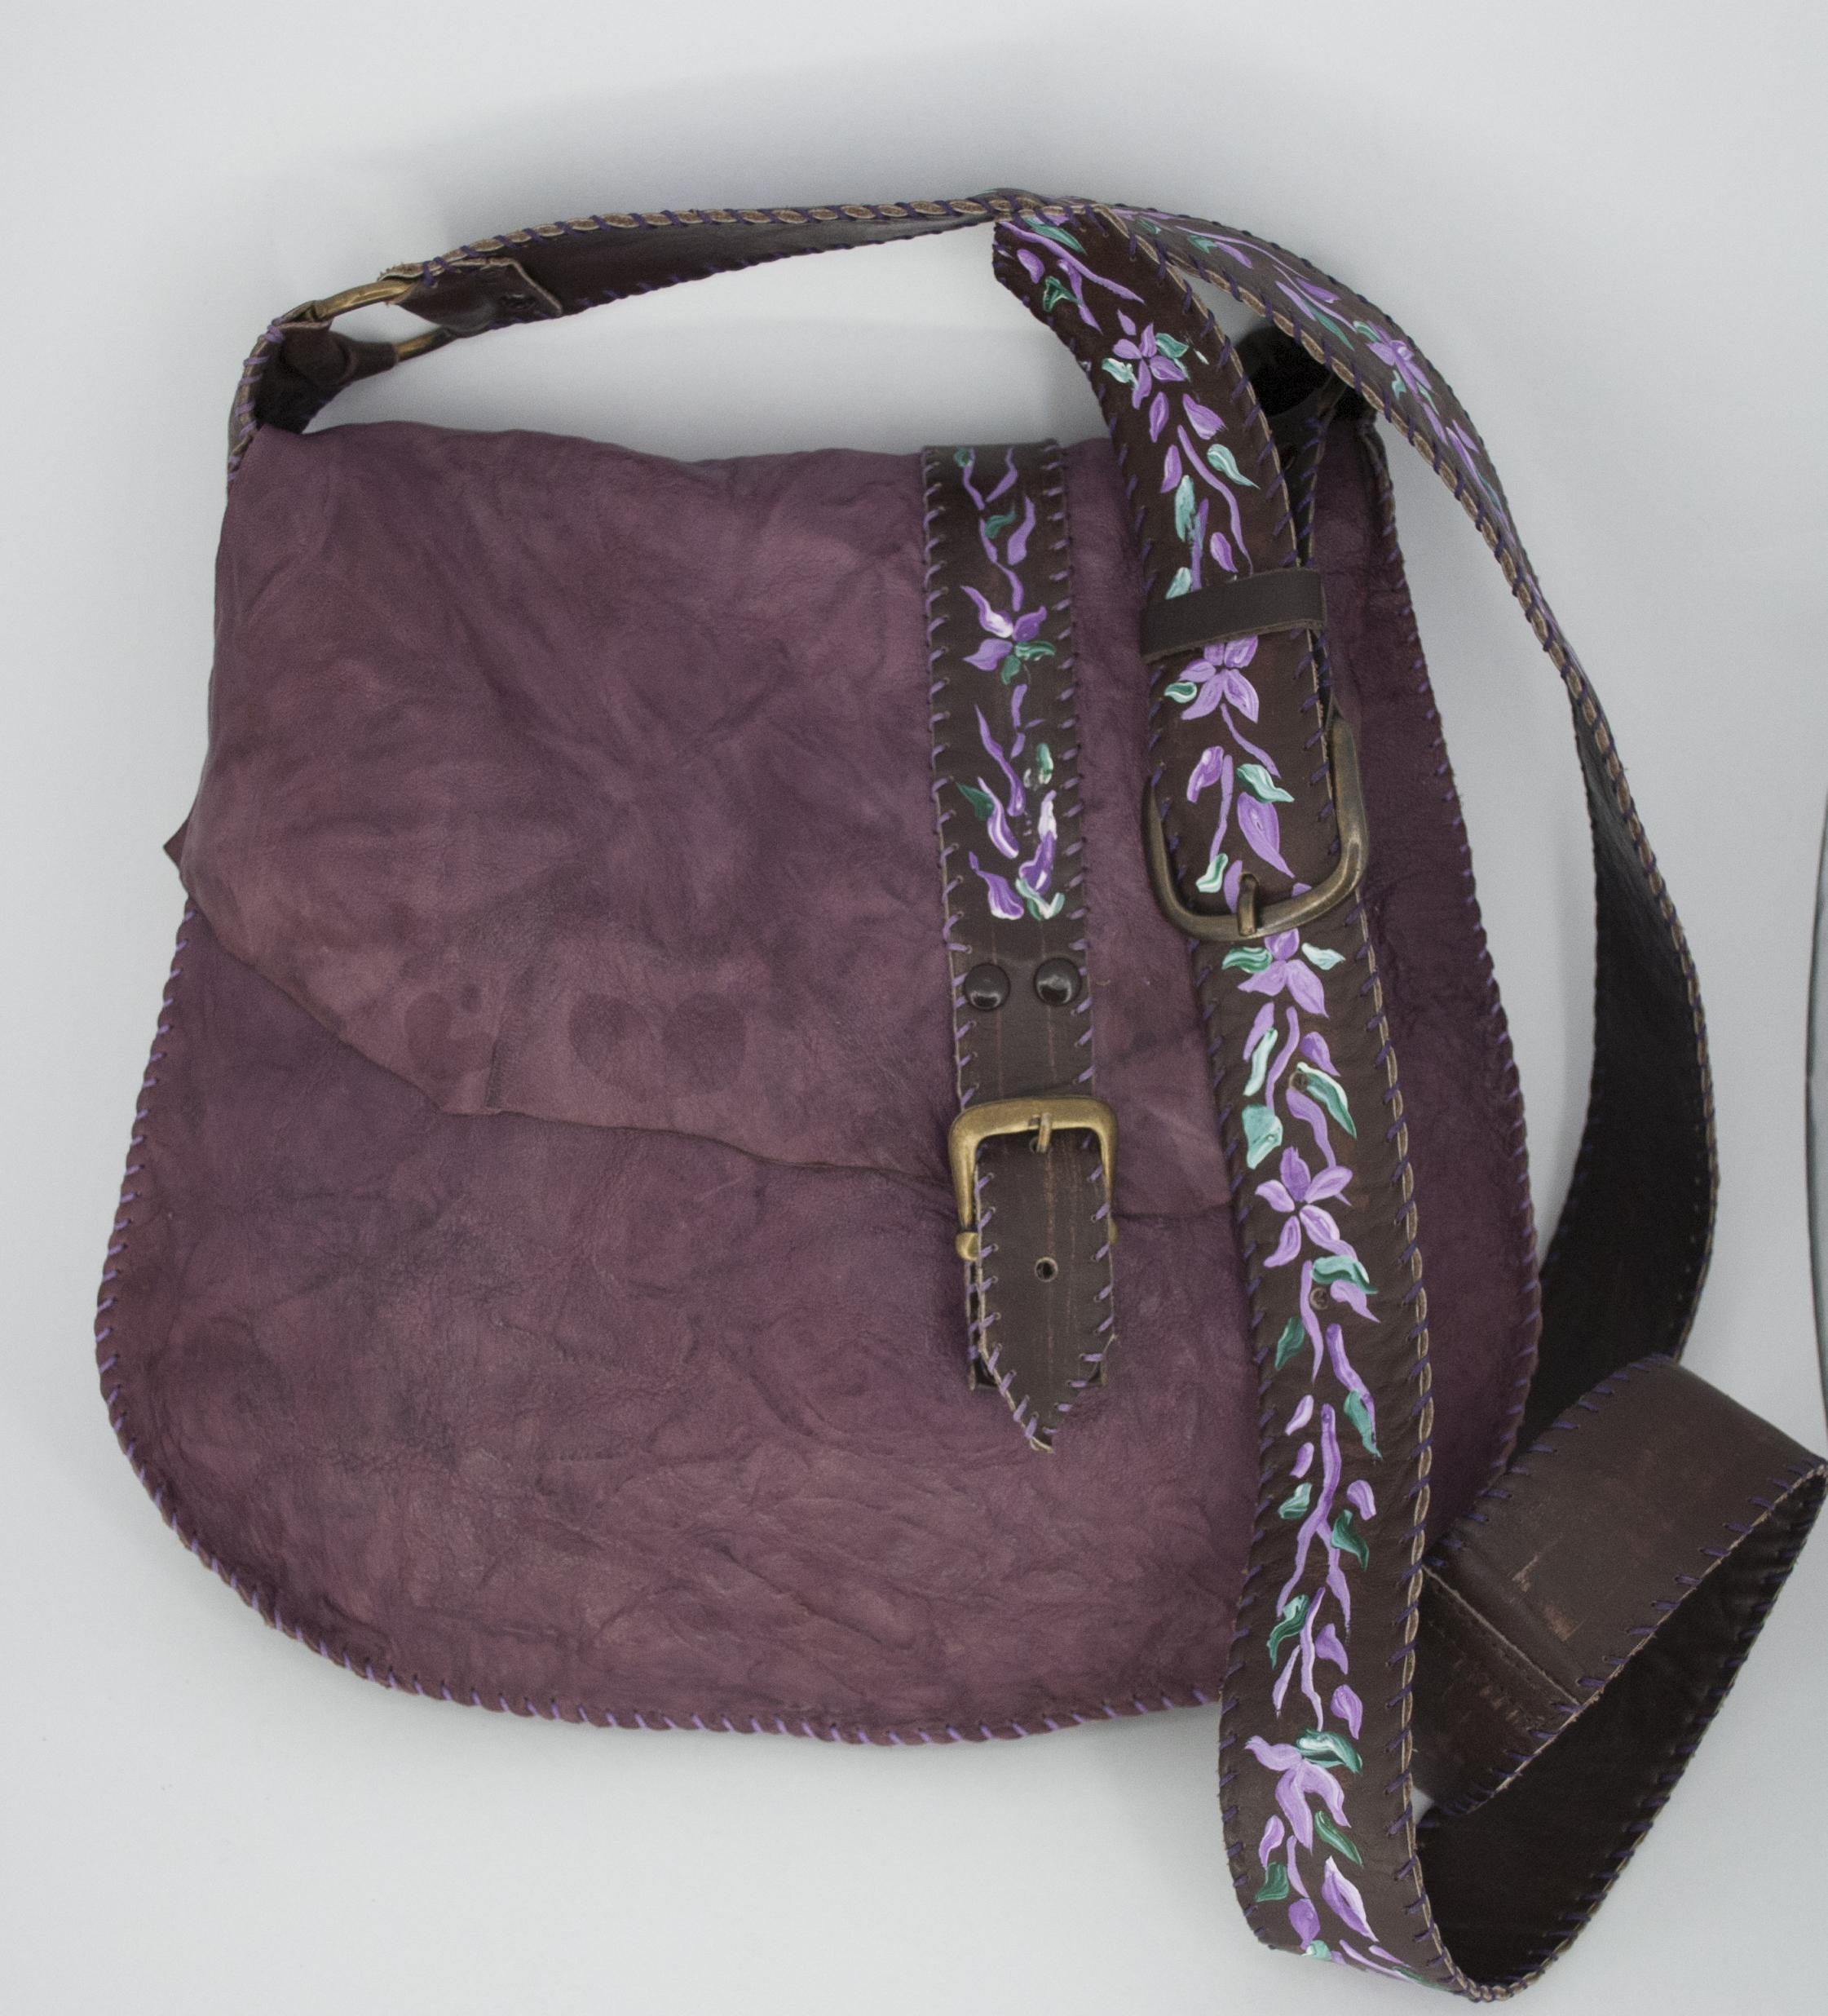 24f49331b0 Χειροποίητη δερμάτινη τσάντα με στοιχεία ζωγραφικής